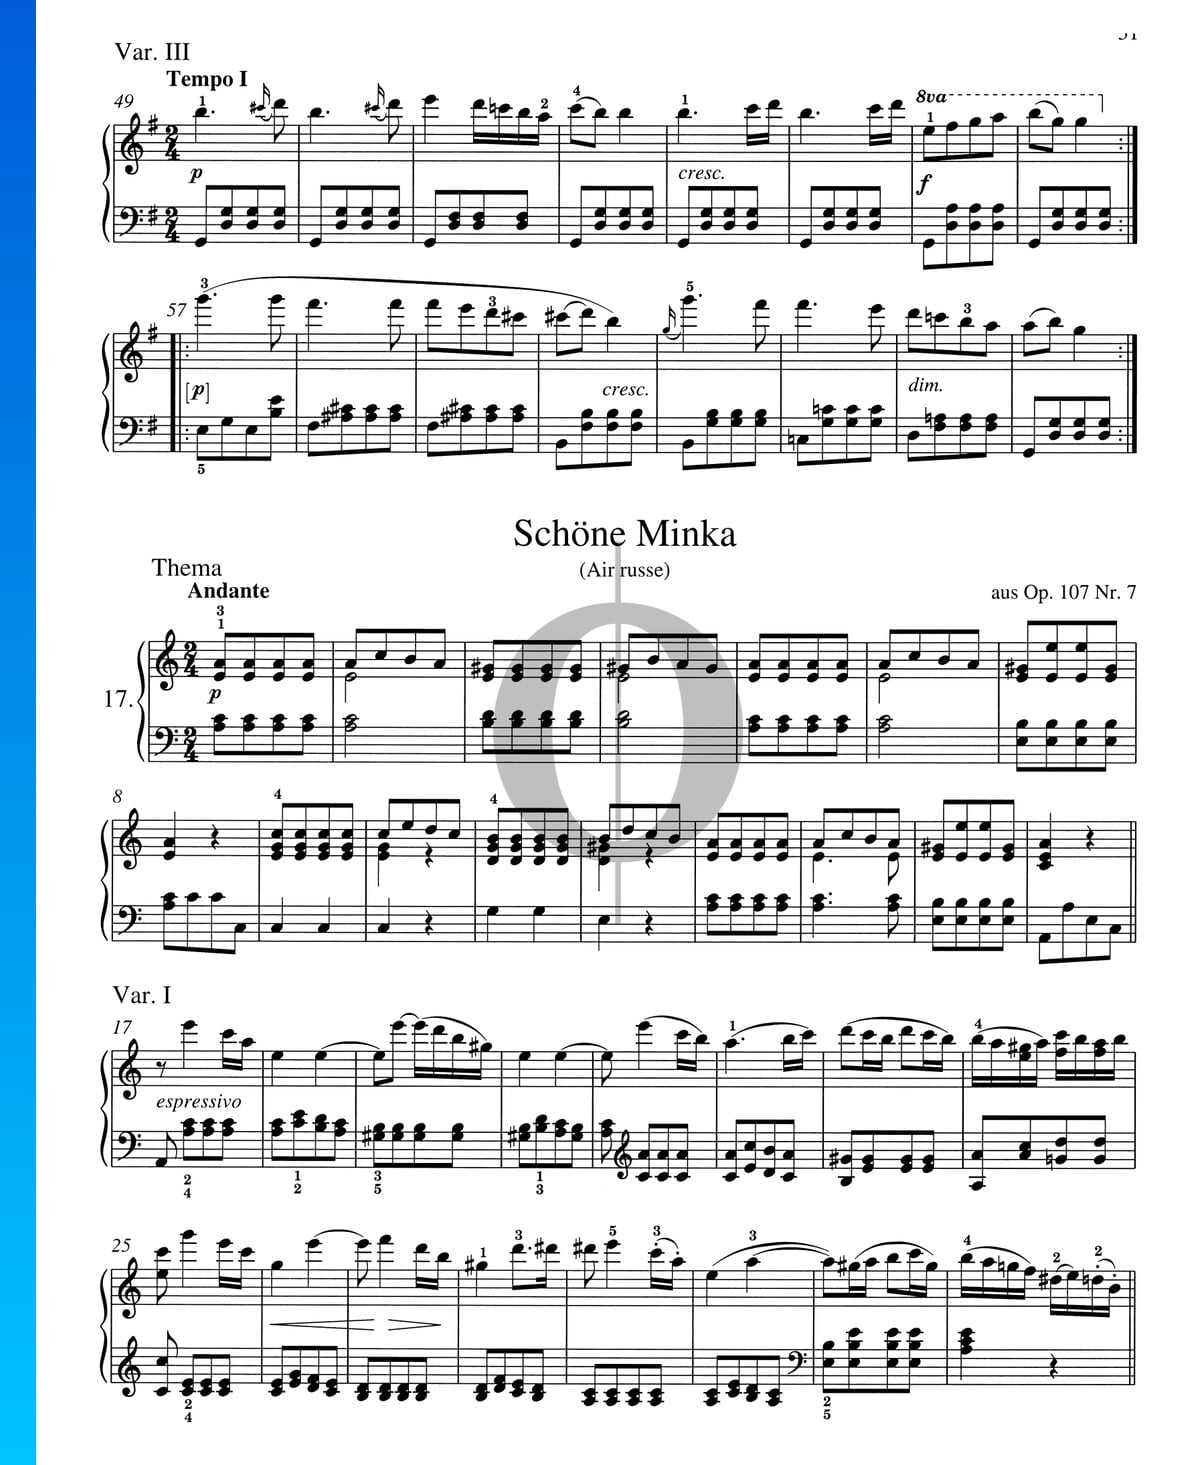 schöne klavierstücke noten